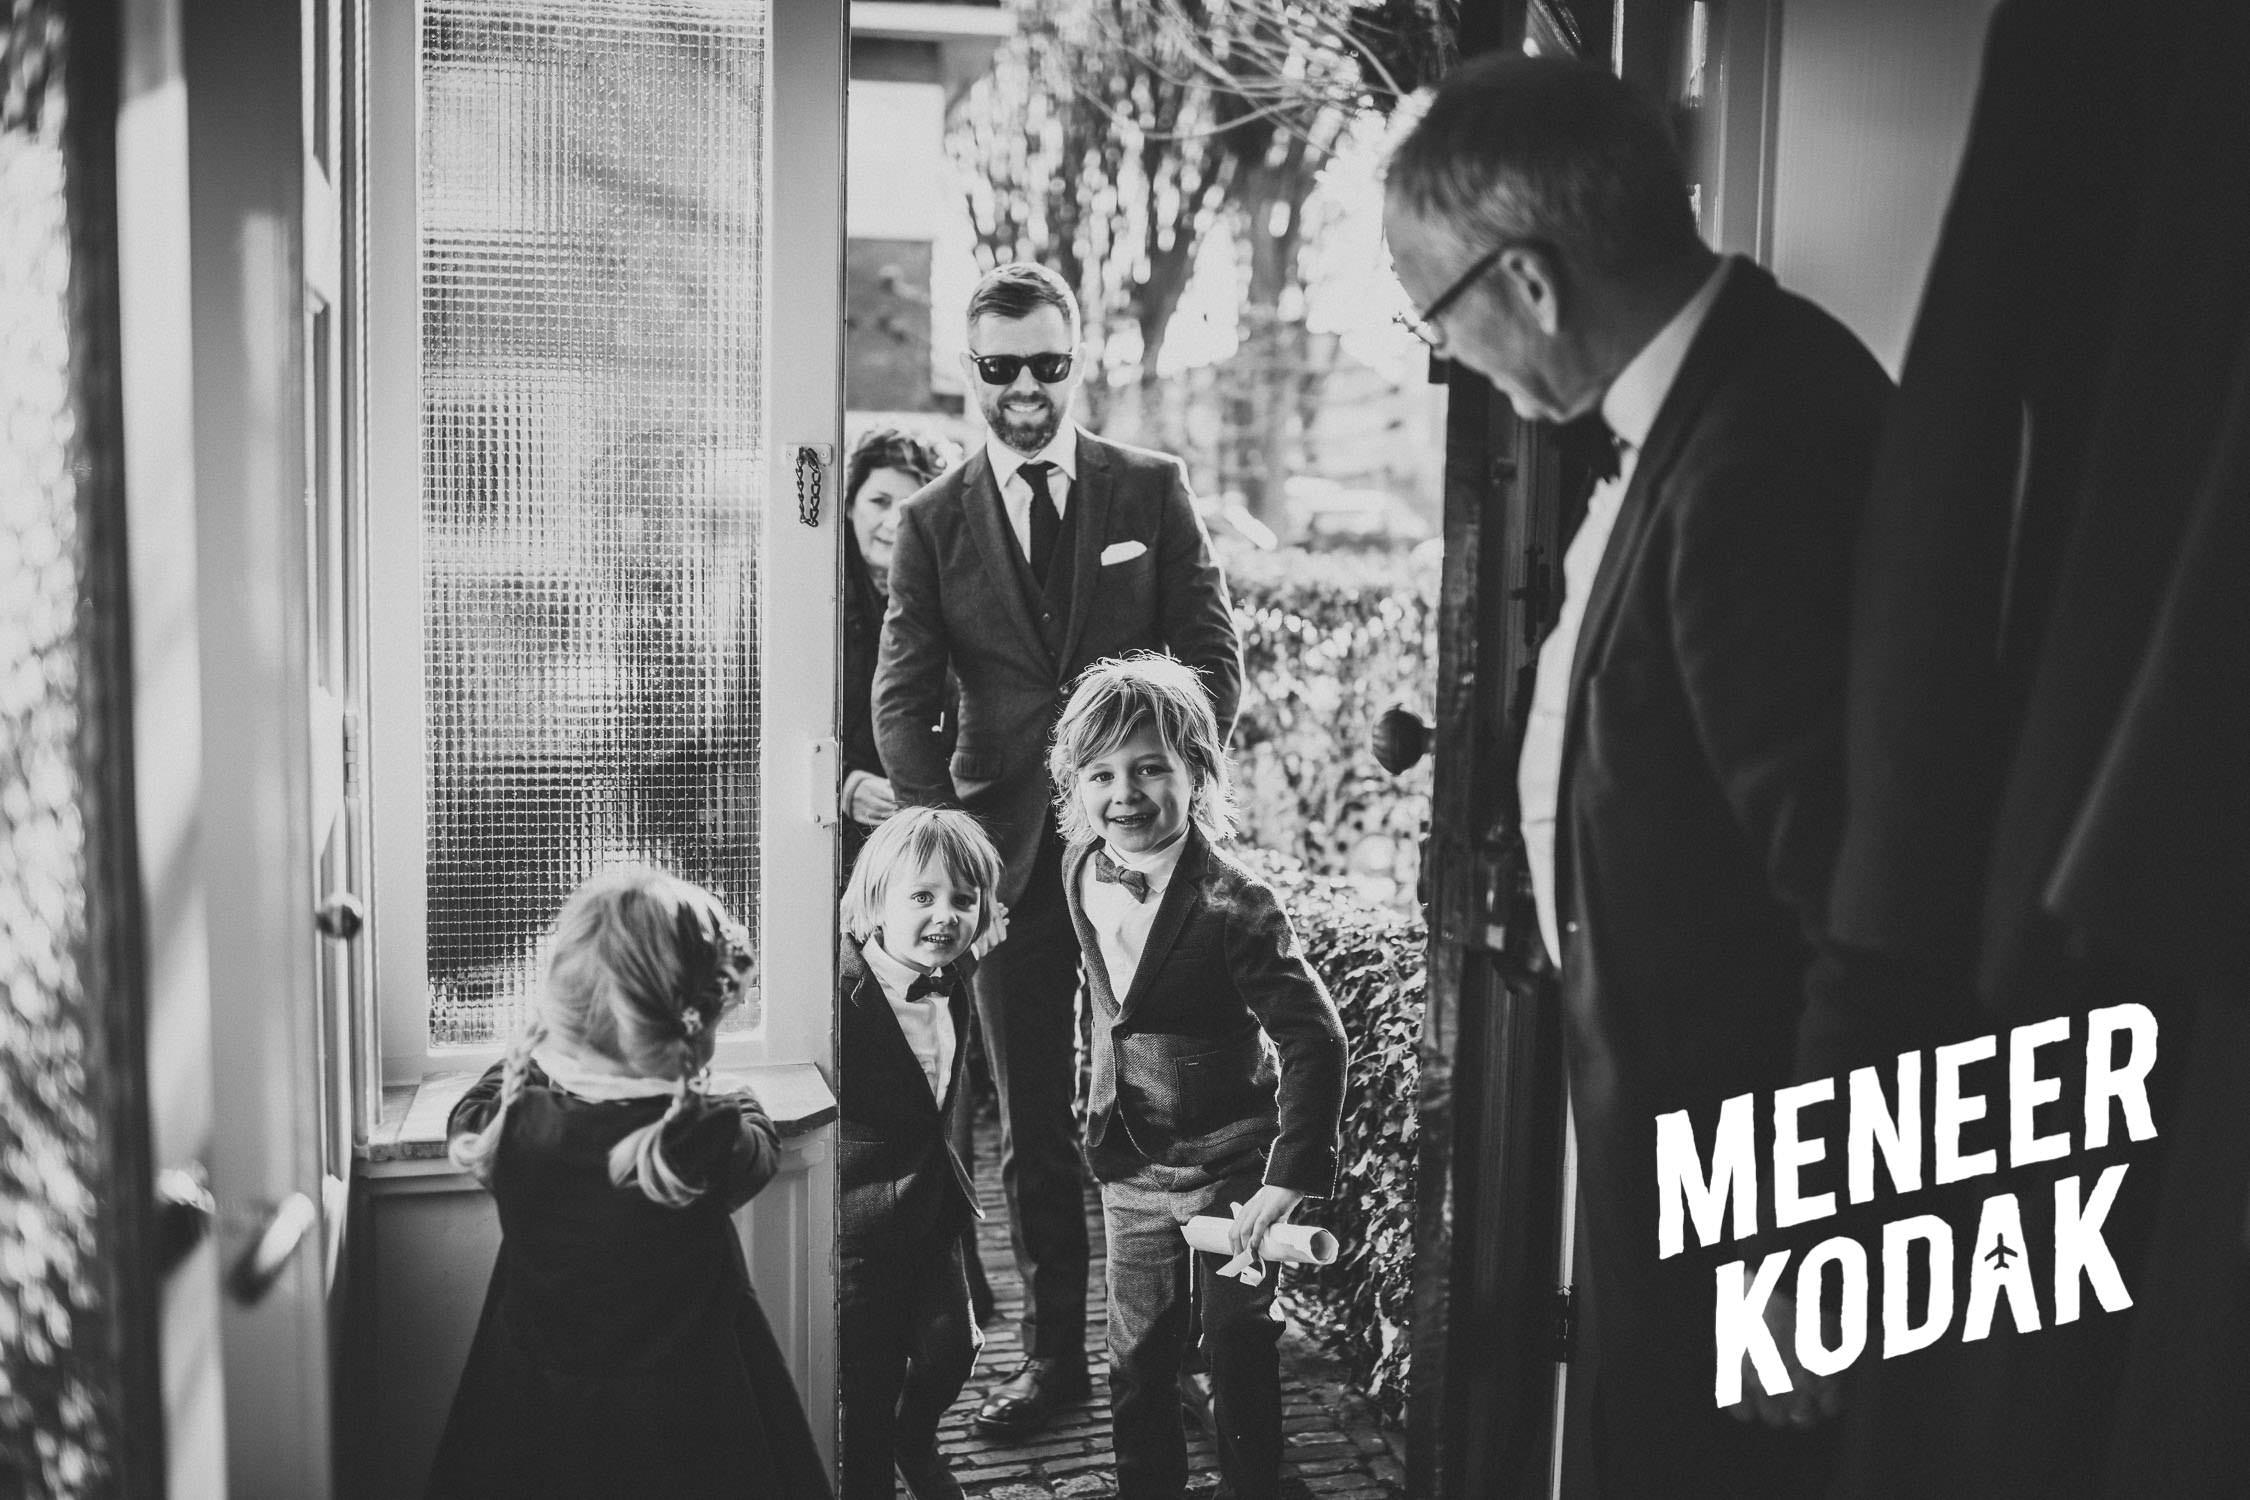 Meneer Kodak - Bruidsfotograaf - Breda - S&R-064.jpg